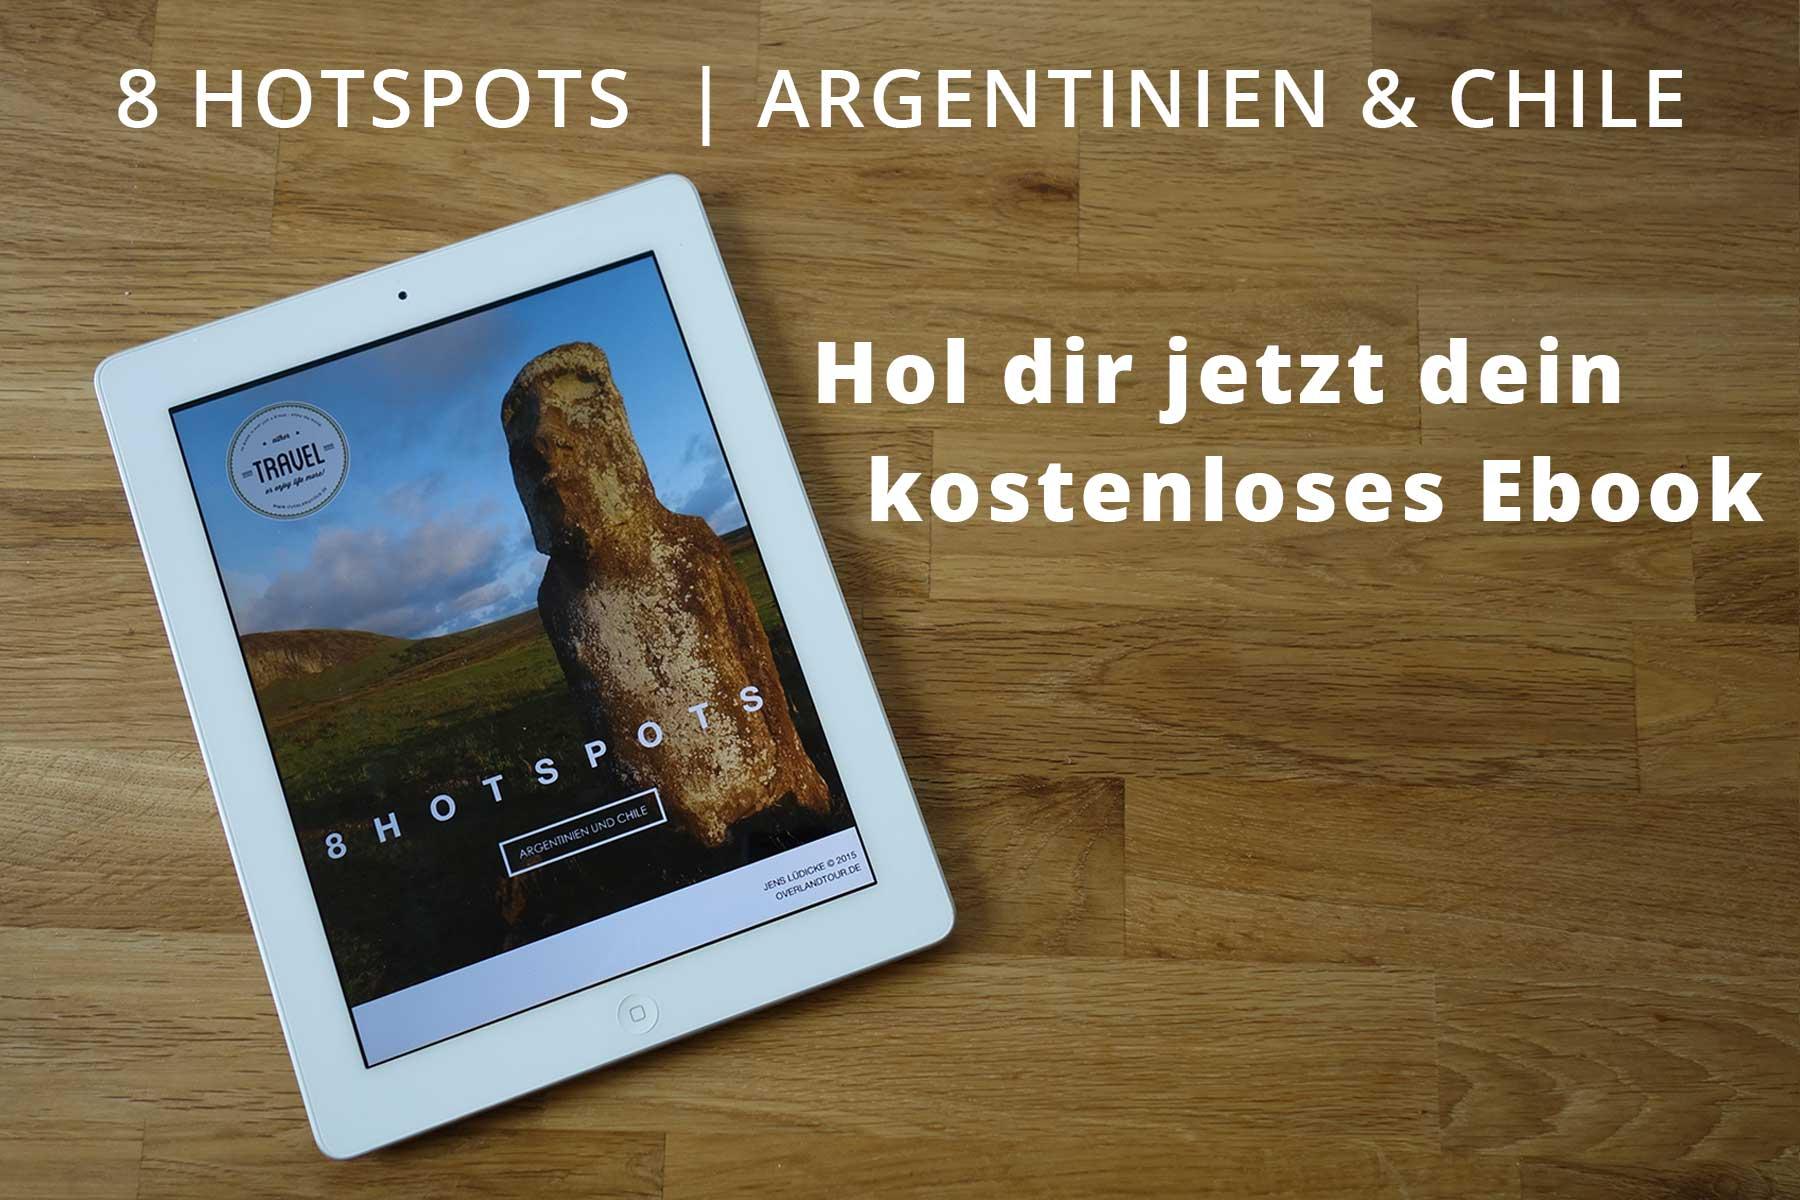 Chile und Argentinien | Dein kostenloses Ebook – jetzt downloaden